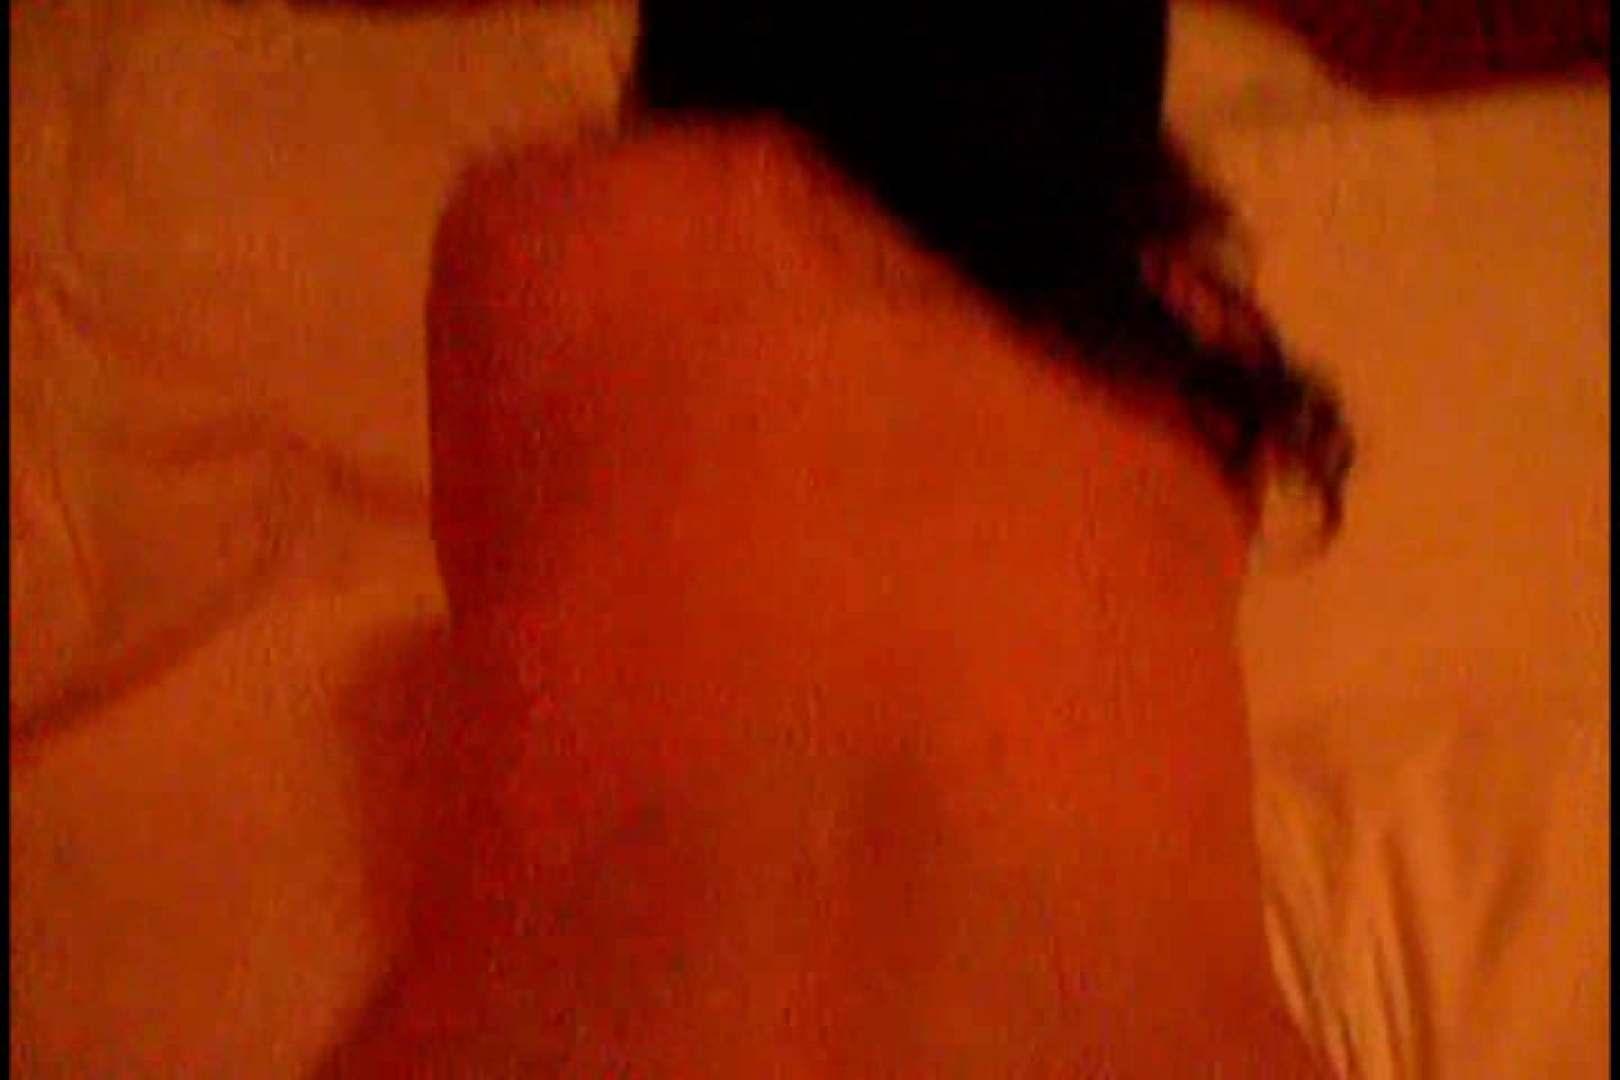 某掲示板に投稿された素人女性たちVOL.9 投稿   ホテル  95連発 49